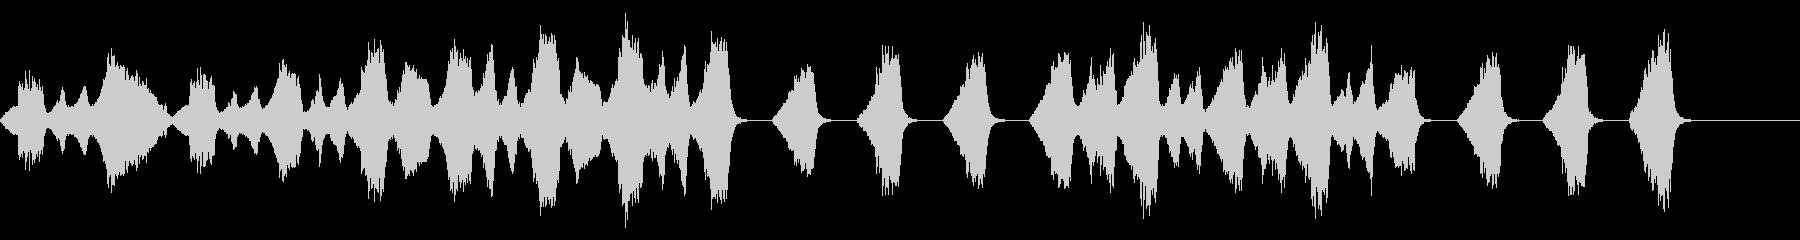 悲しい・絶望的な場面のストリングス曲の未再生の波形